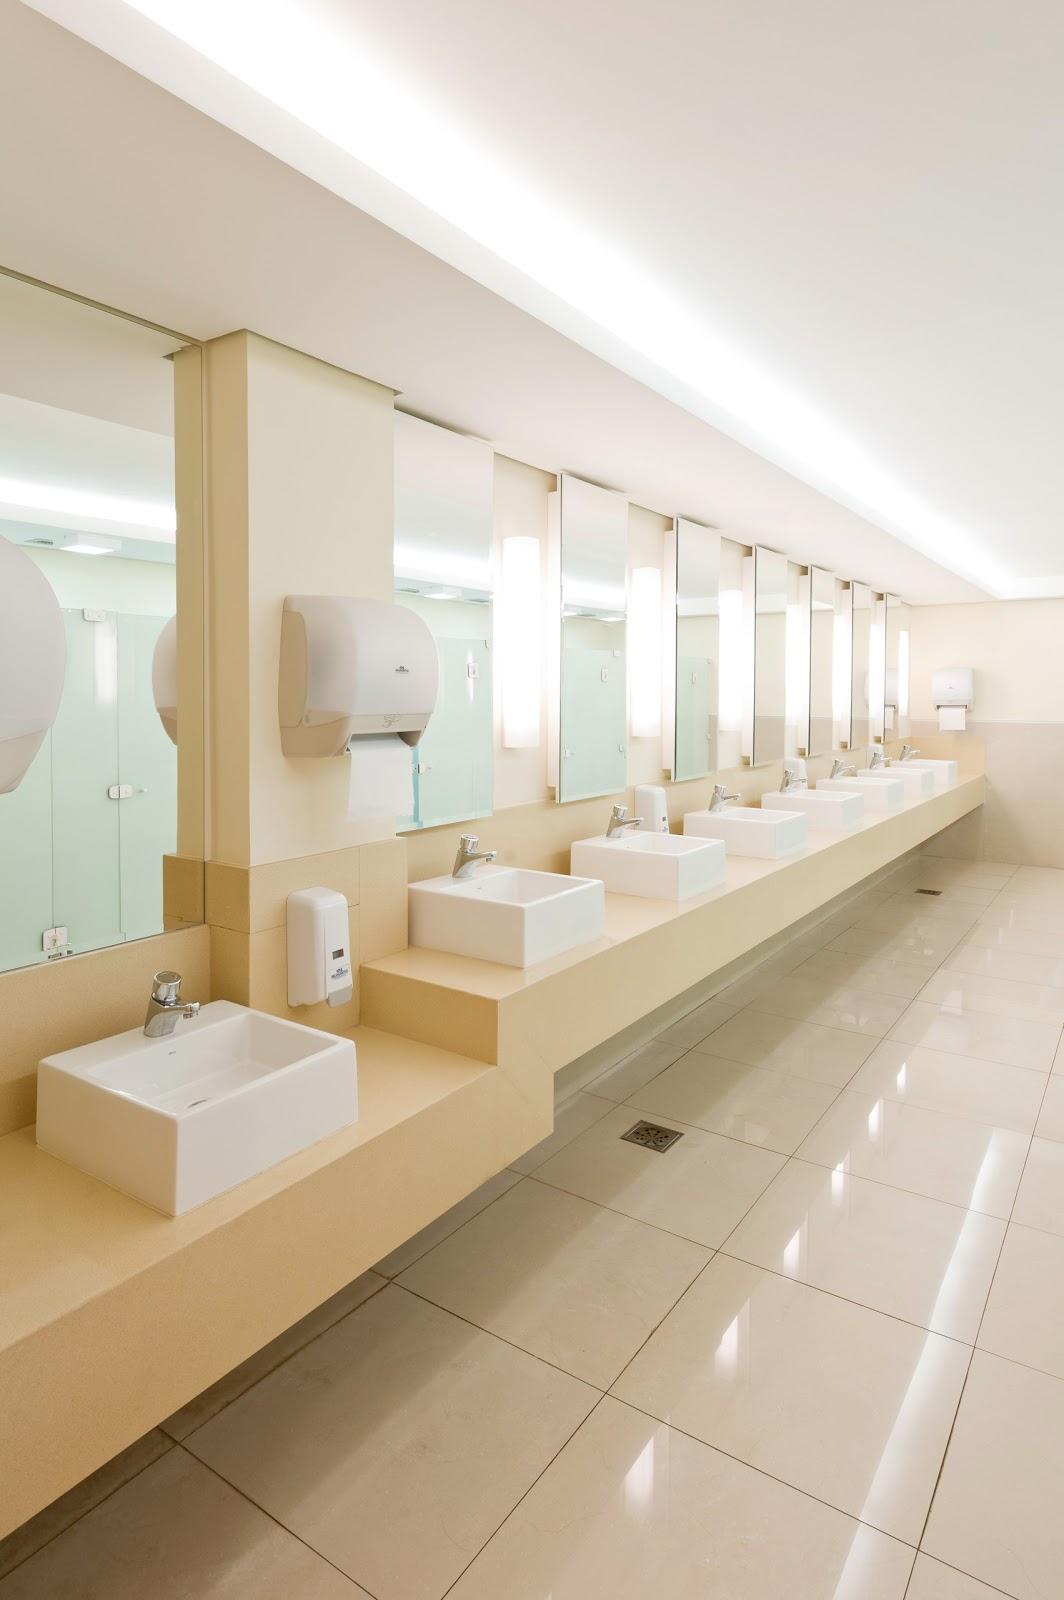 Arquiteto Daltônico: Novos banheiros do Taguatinga Shopping #4F381B 1064 1600